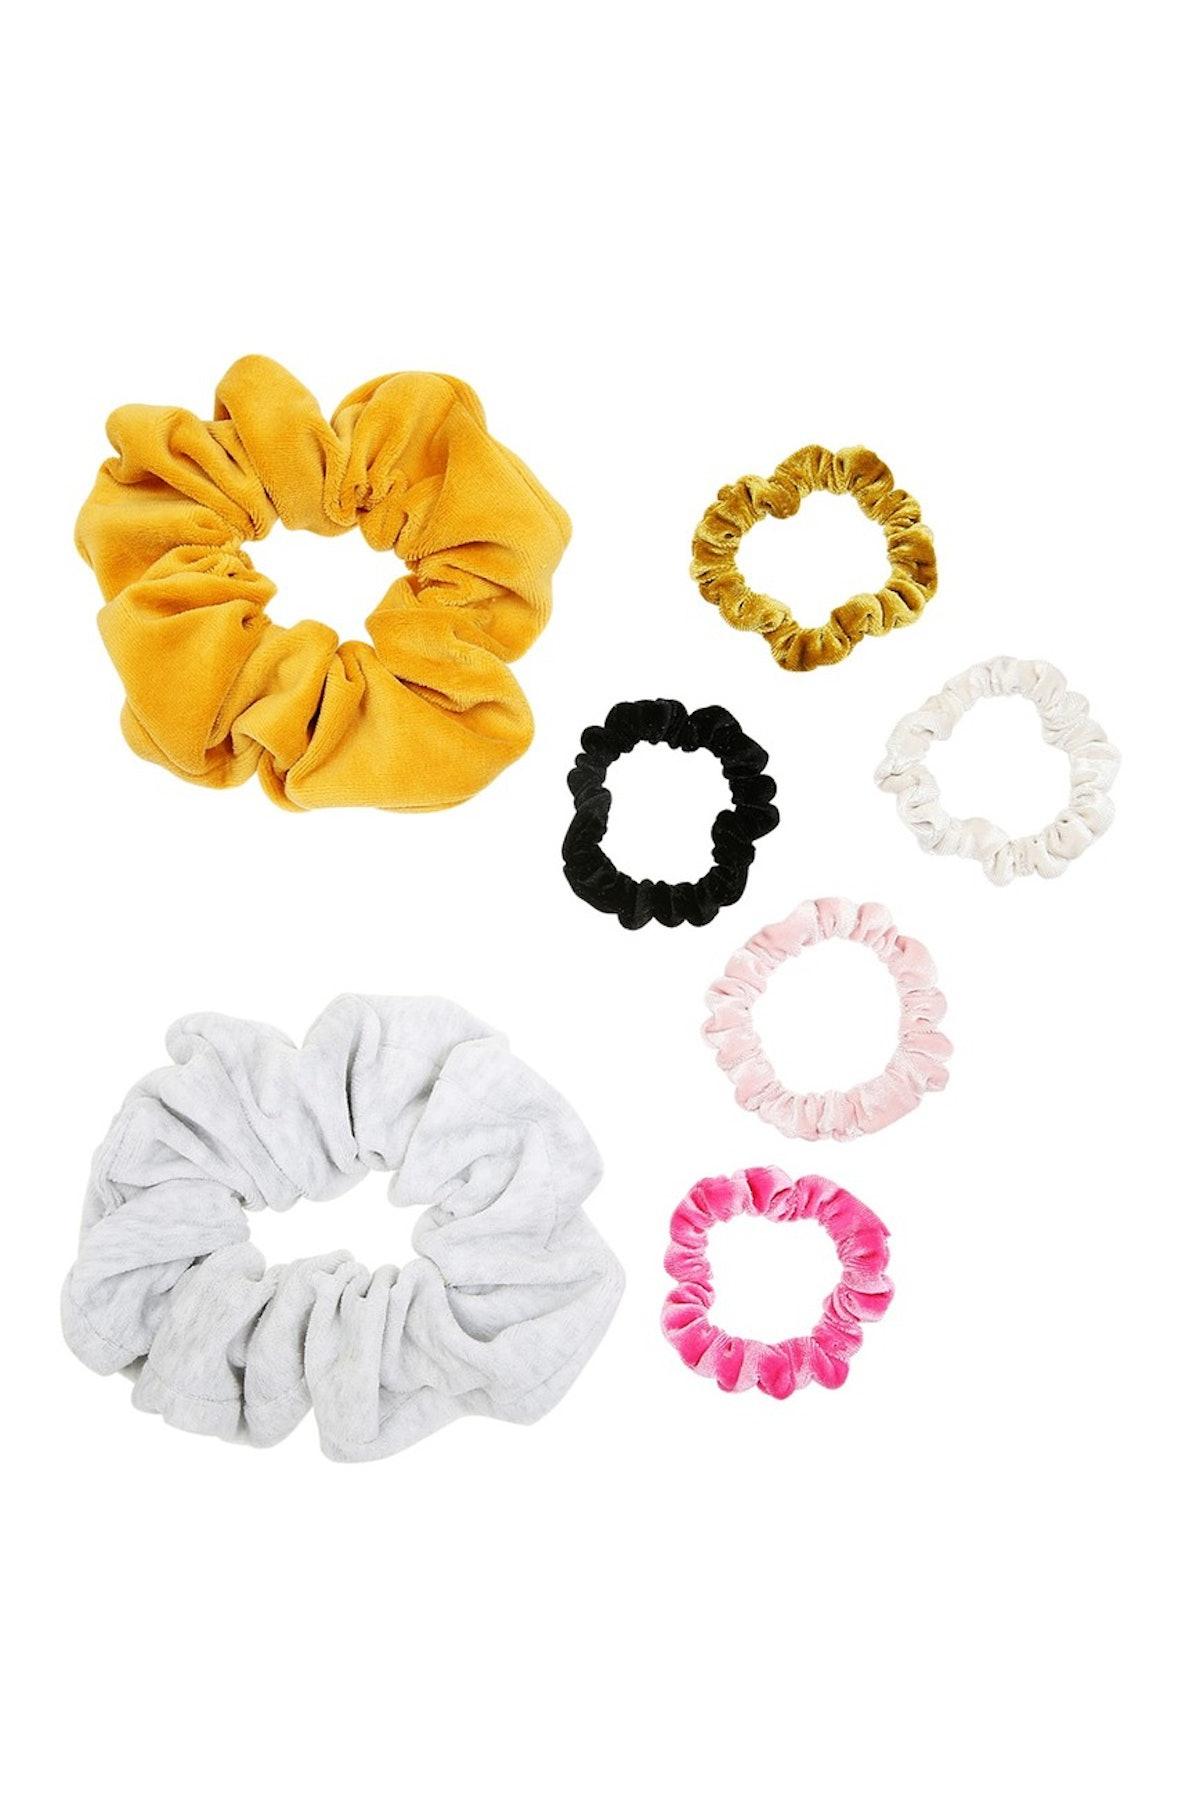 Oversize and Skinny Velvet Scrunchie Set